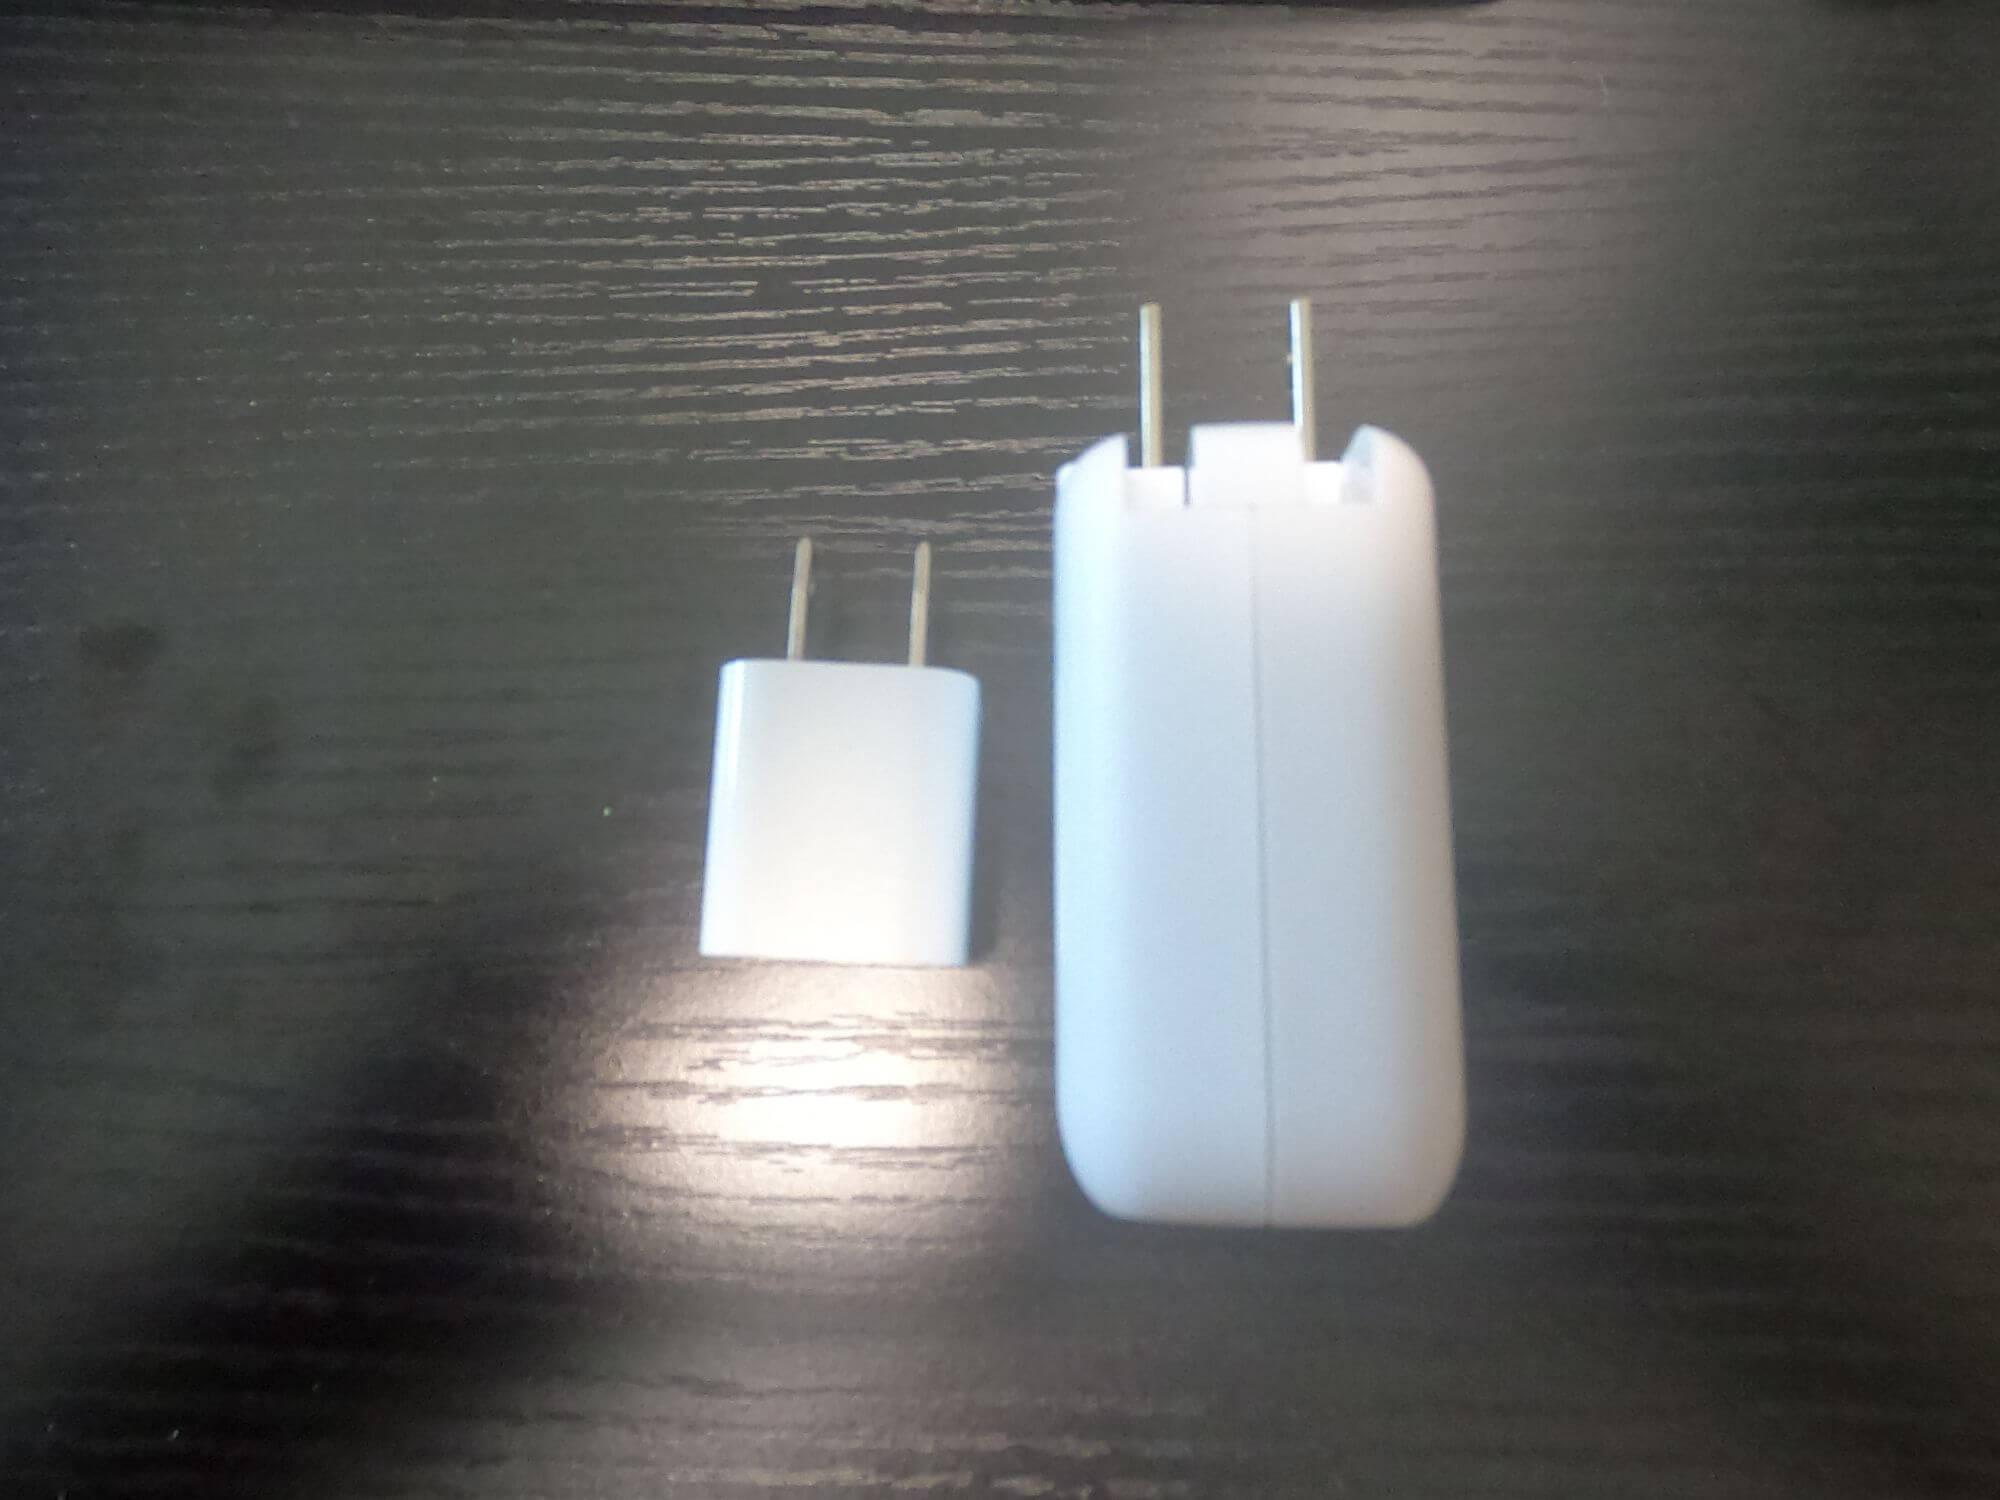 Anker PowerPort 2 Elite充電器の比較画像